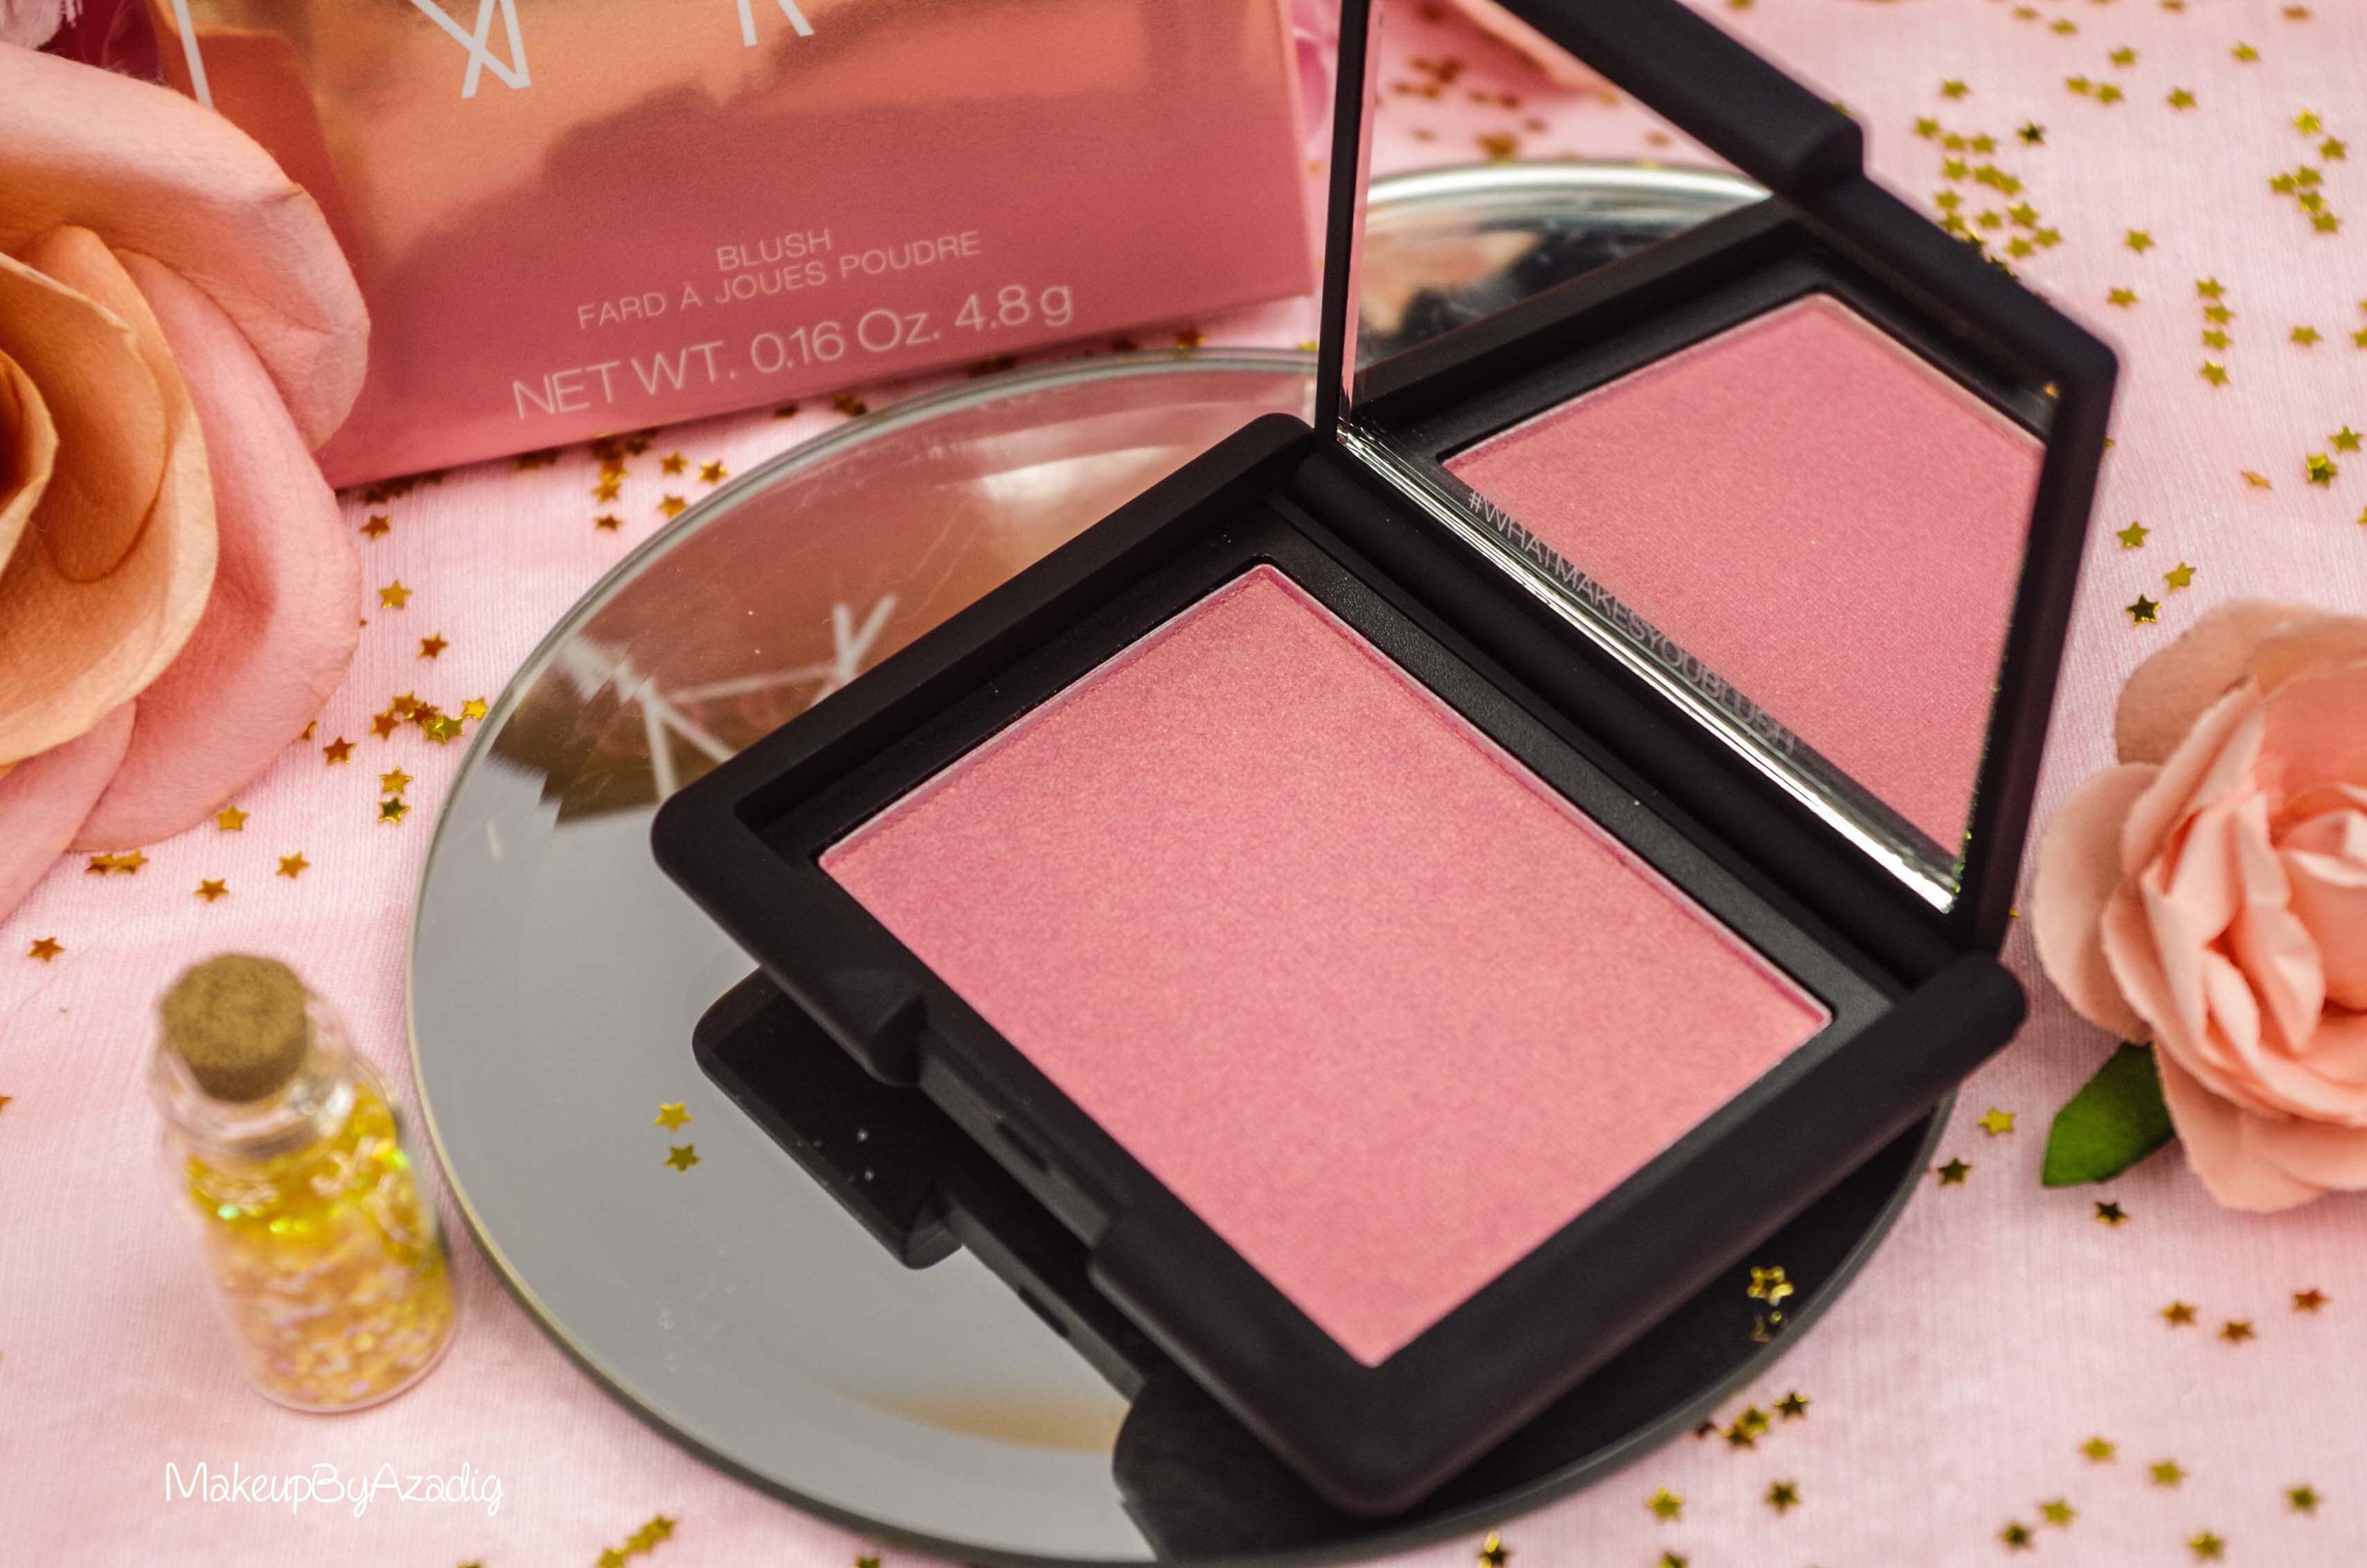 blush-liquide-orgasm-rouge-a-levres-illuminateur-highlighter-rosegold-nars-gold-makeupbyazadig